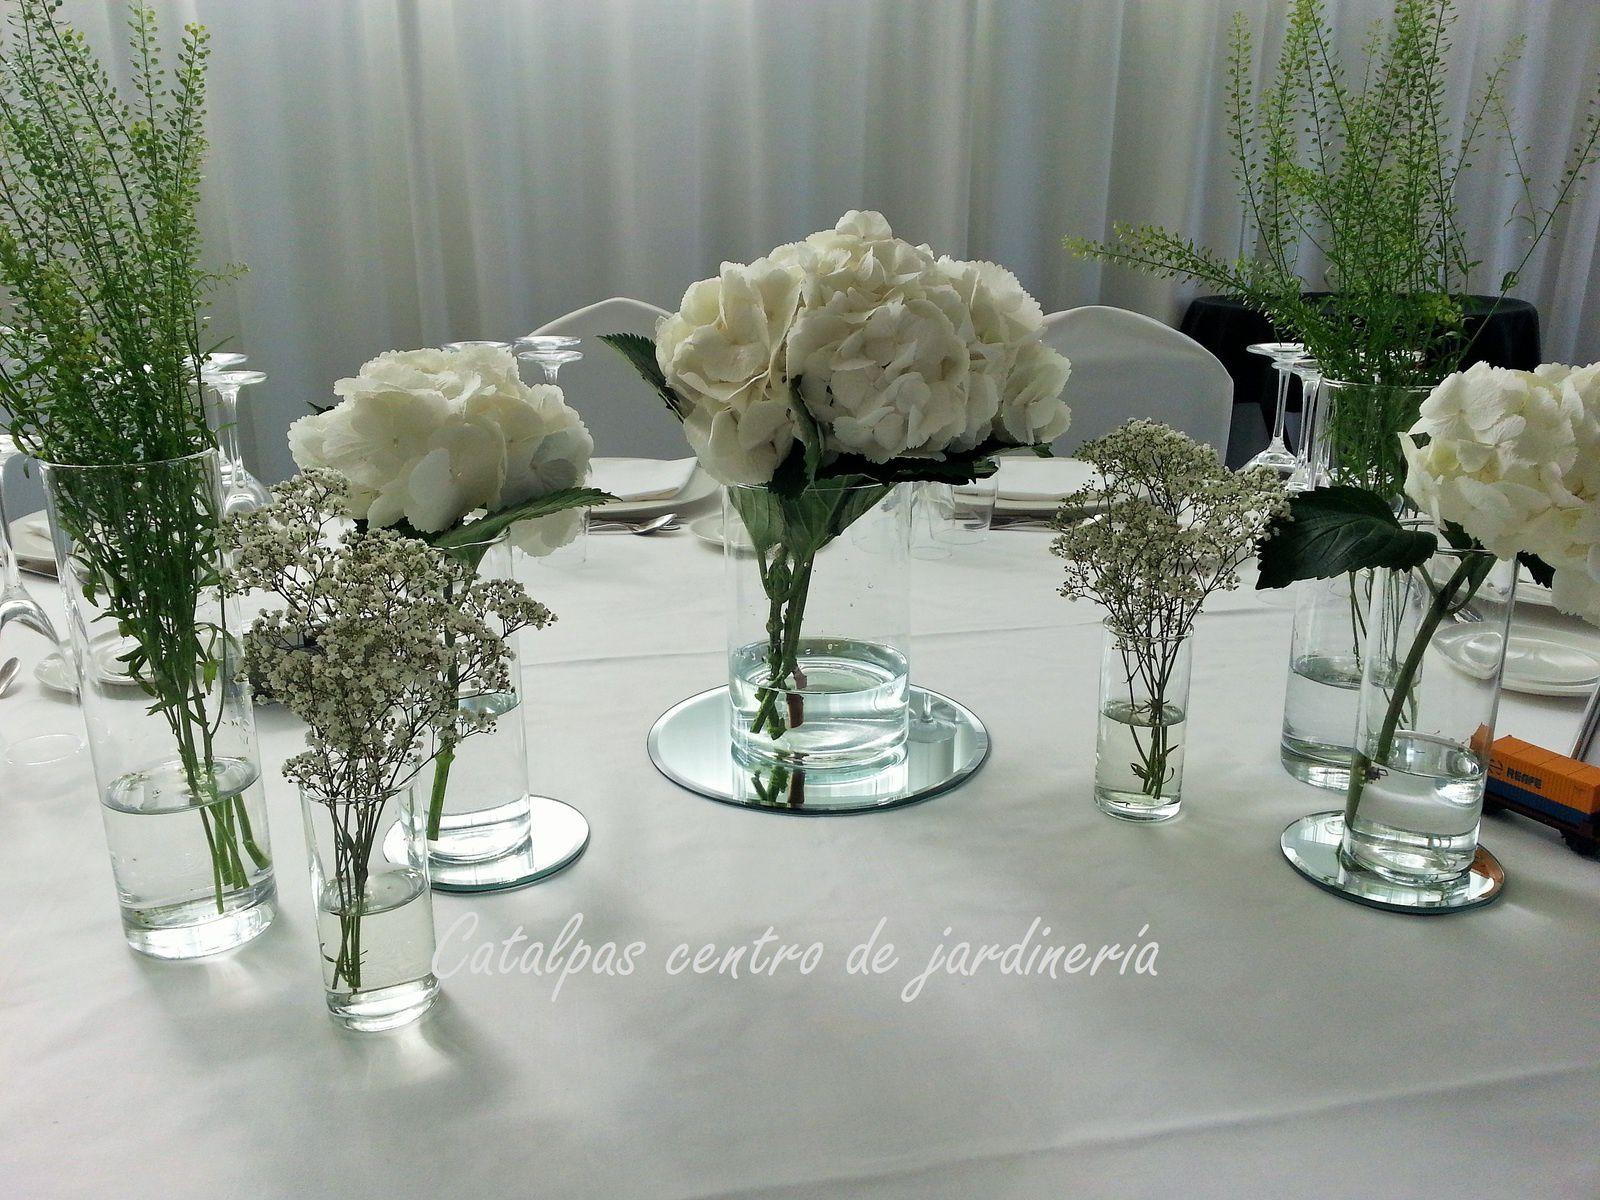 La boda blanca de Isabel y Alex - Catalpas centro de jardinería